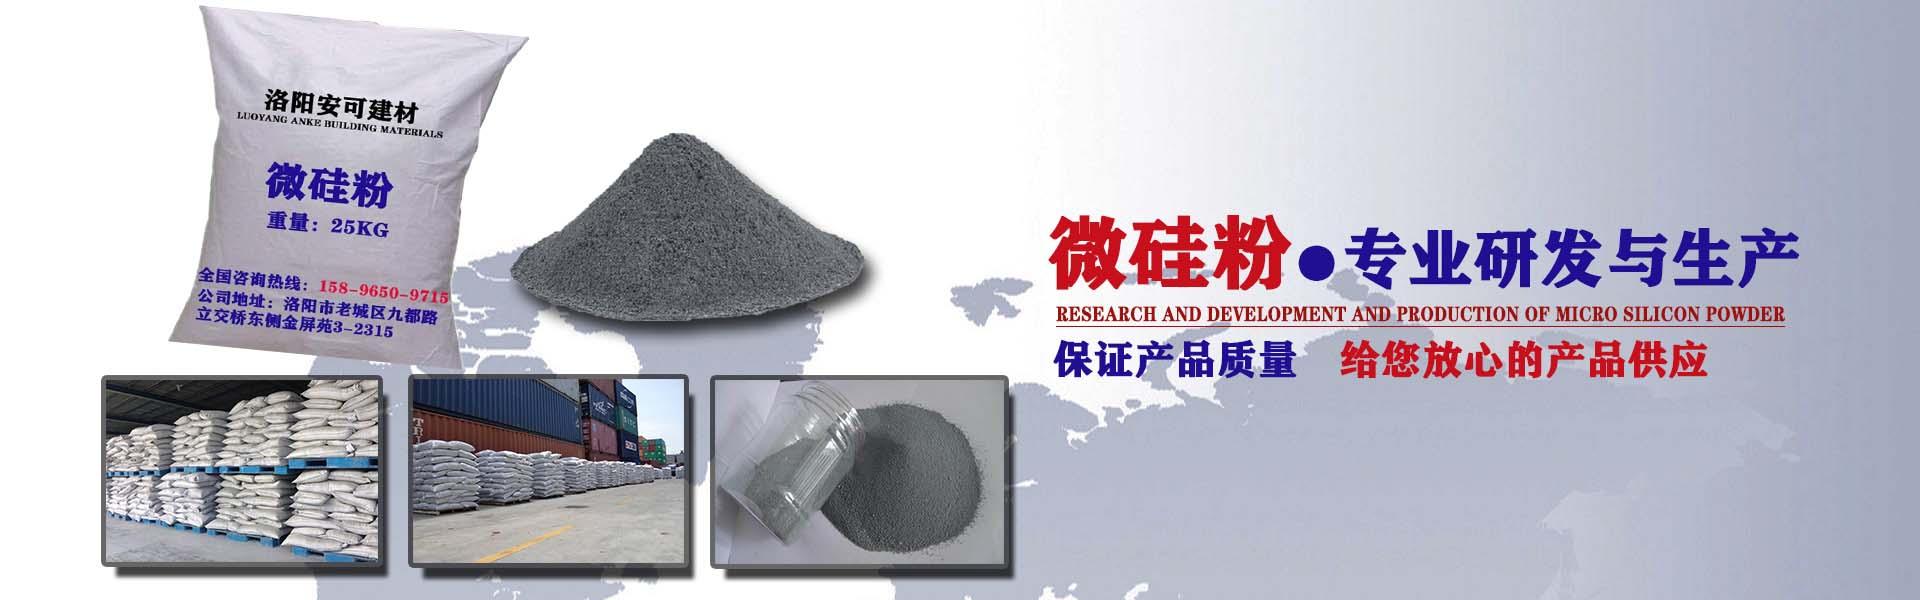 微硅粉一站式研發生產_廠家直銷